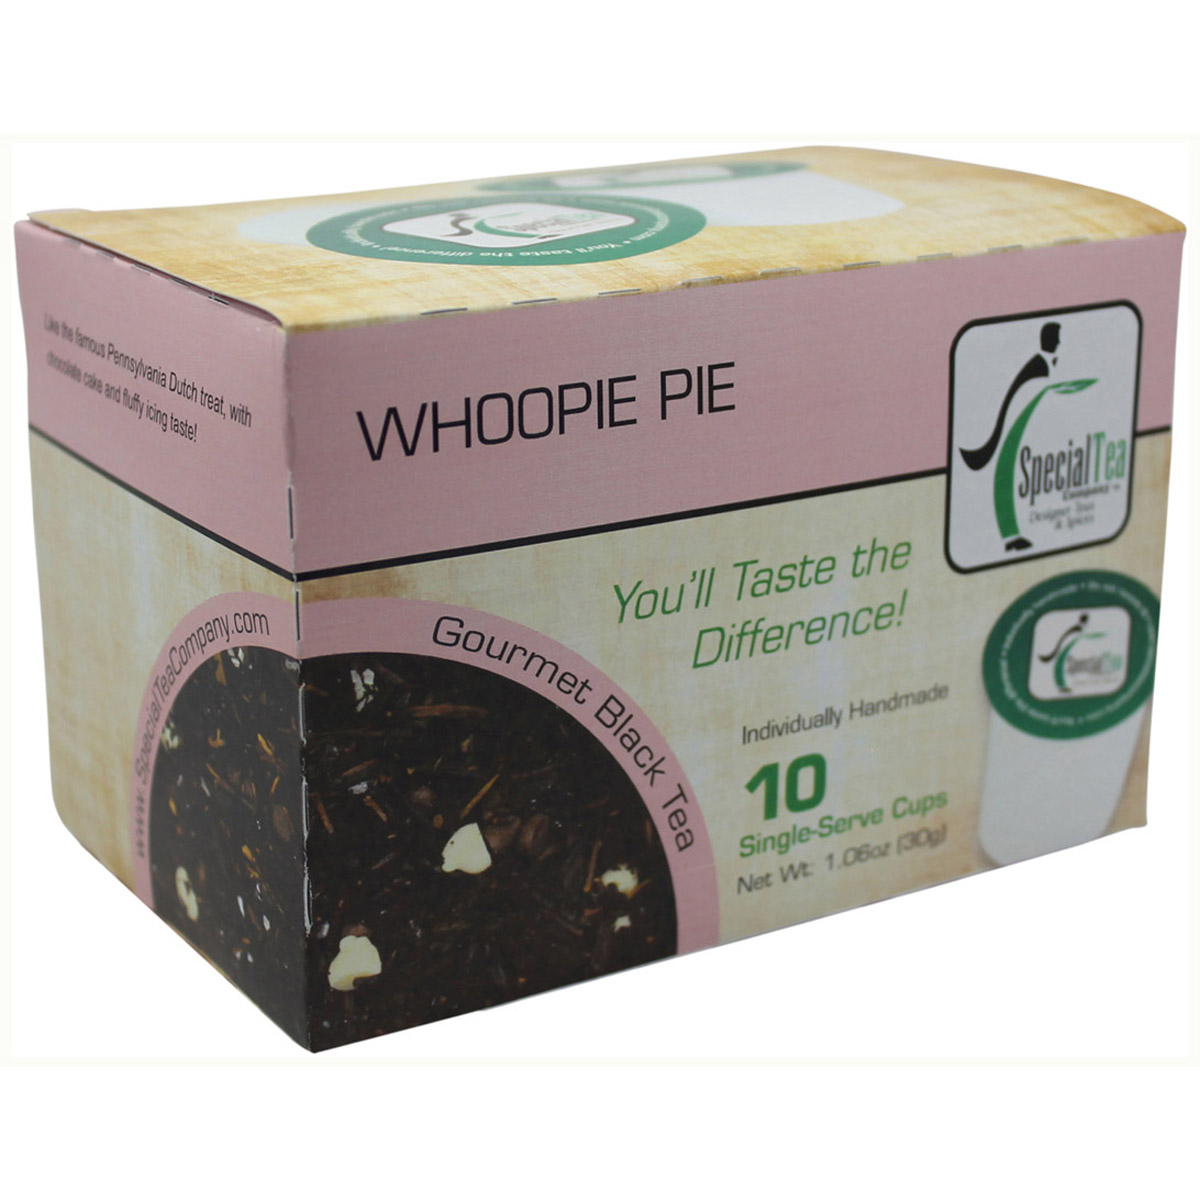 Whoopie Pie Black Tea - Single Serve Cups (Pack of 10)